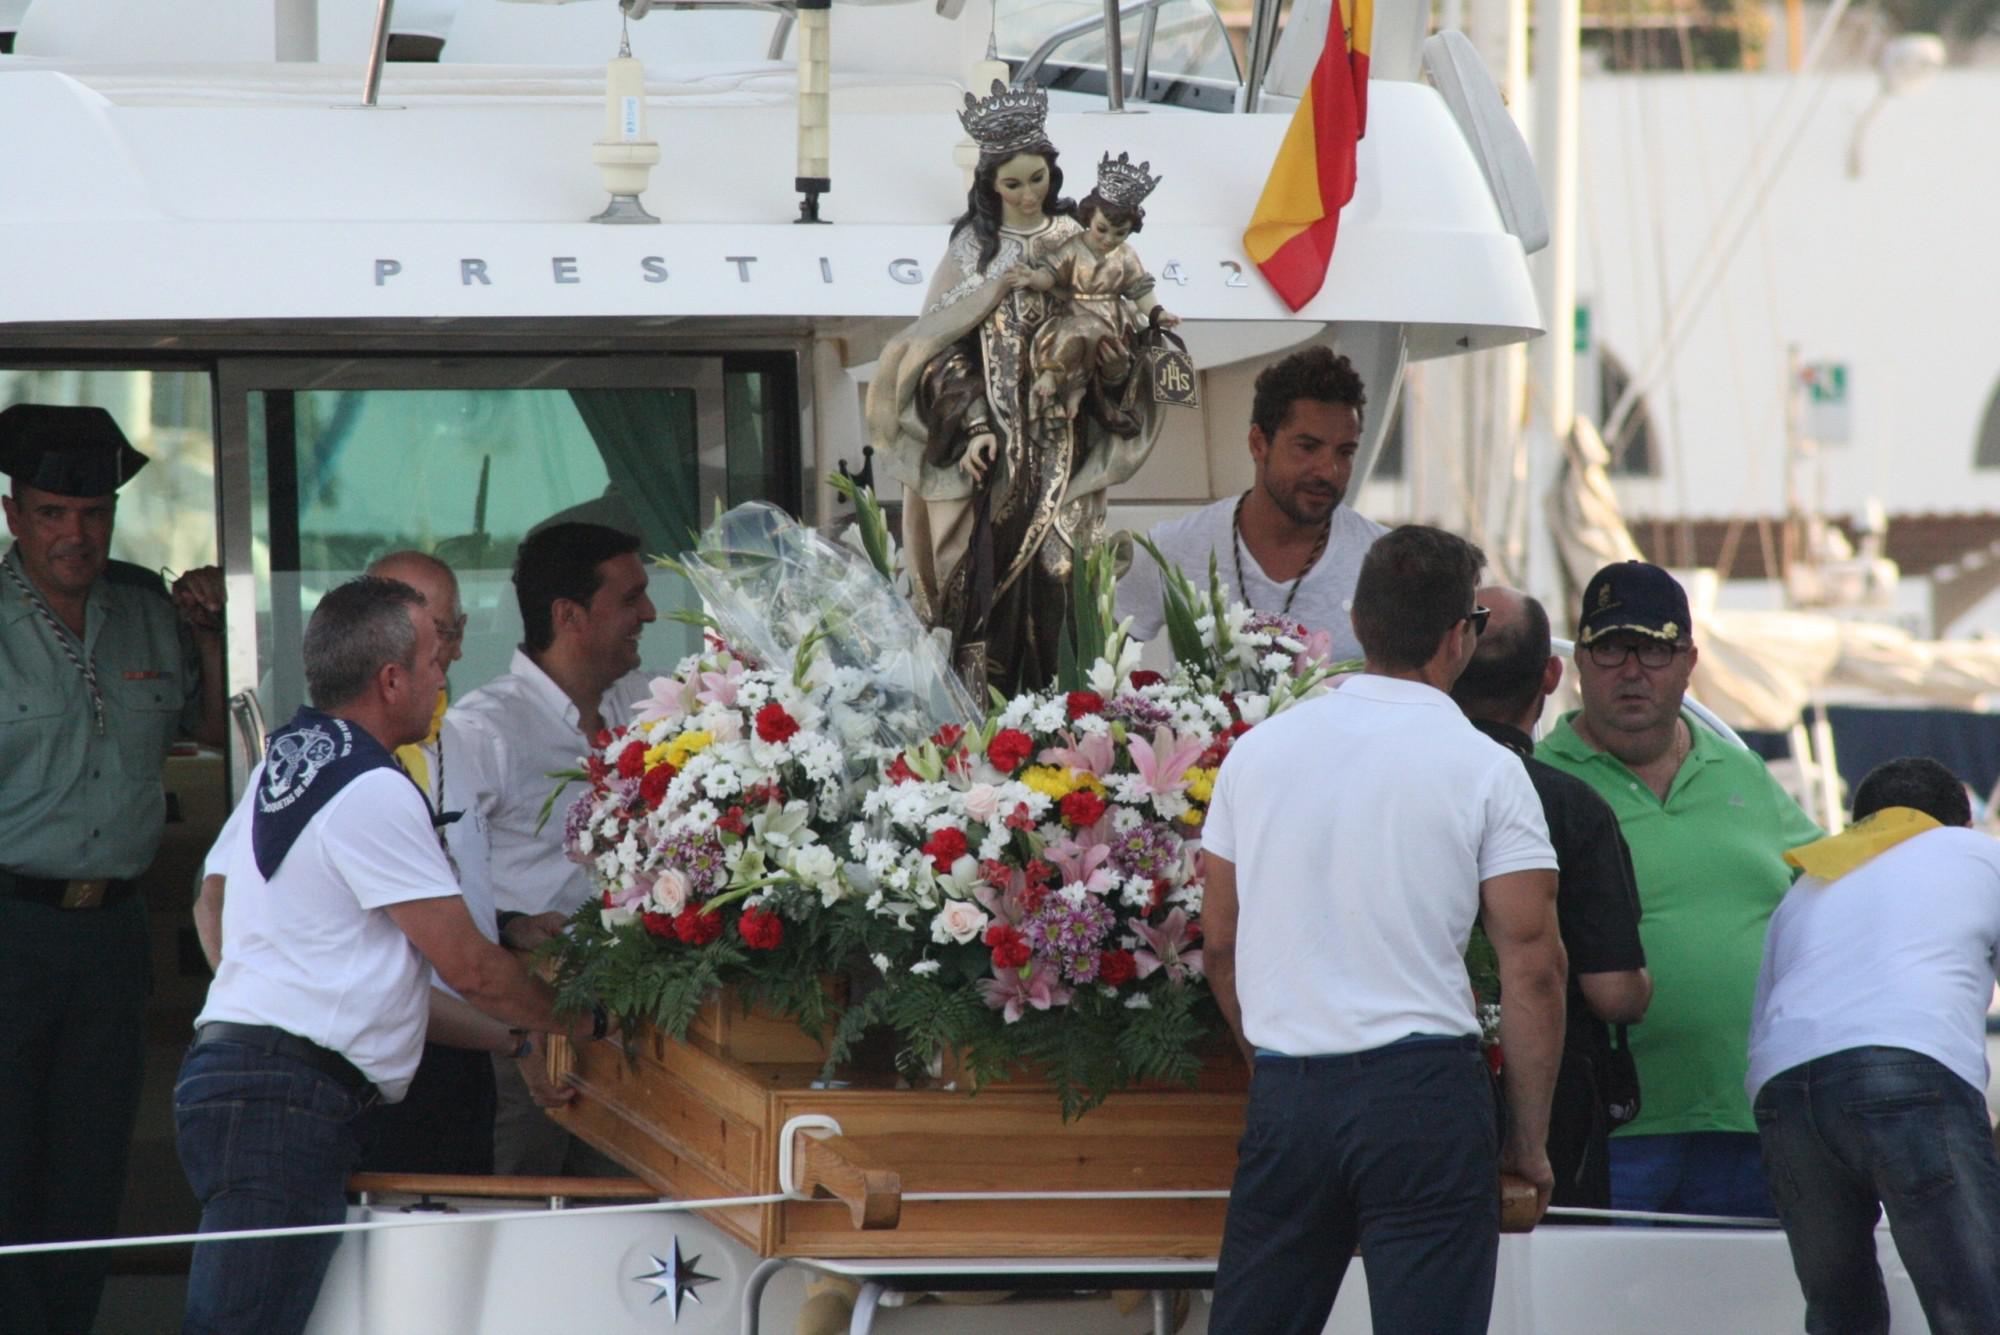 La Virgen del Carmen procesionó en el barco de David Bisbal